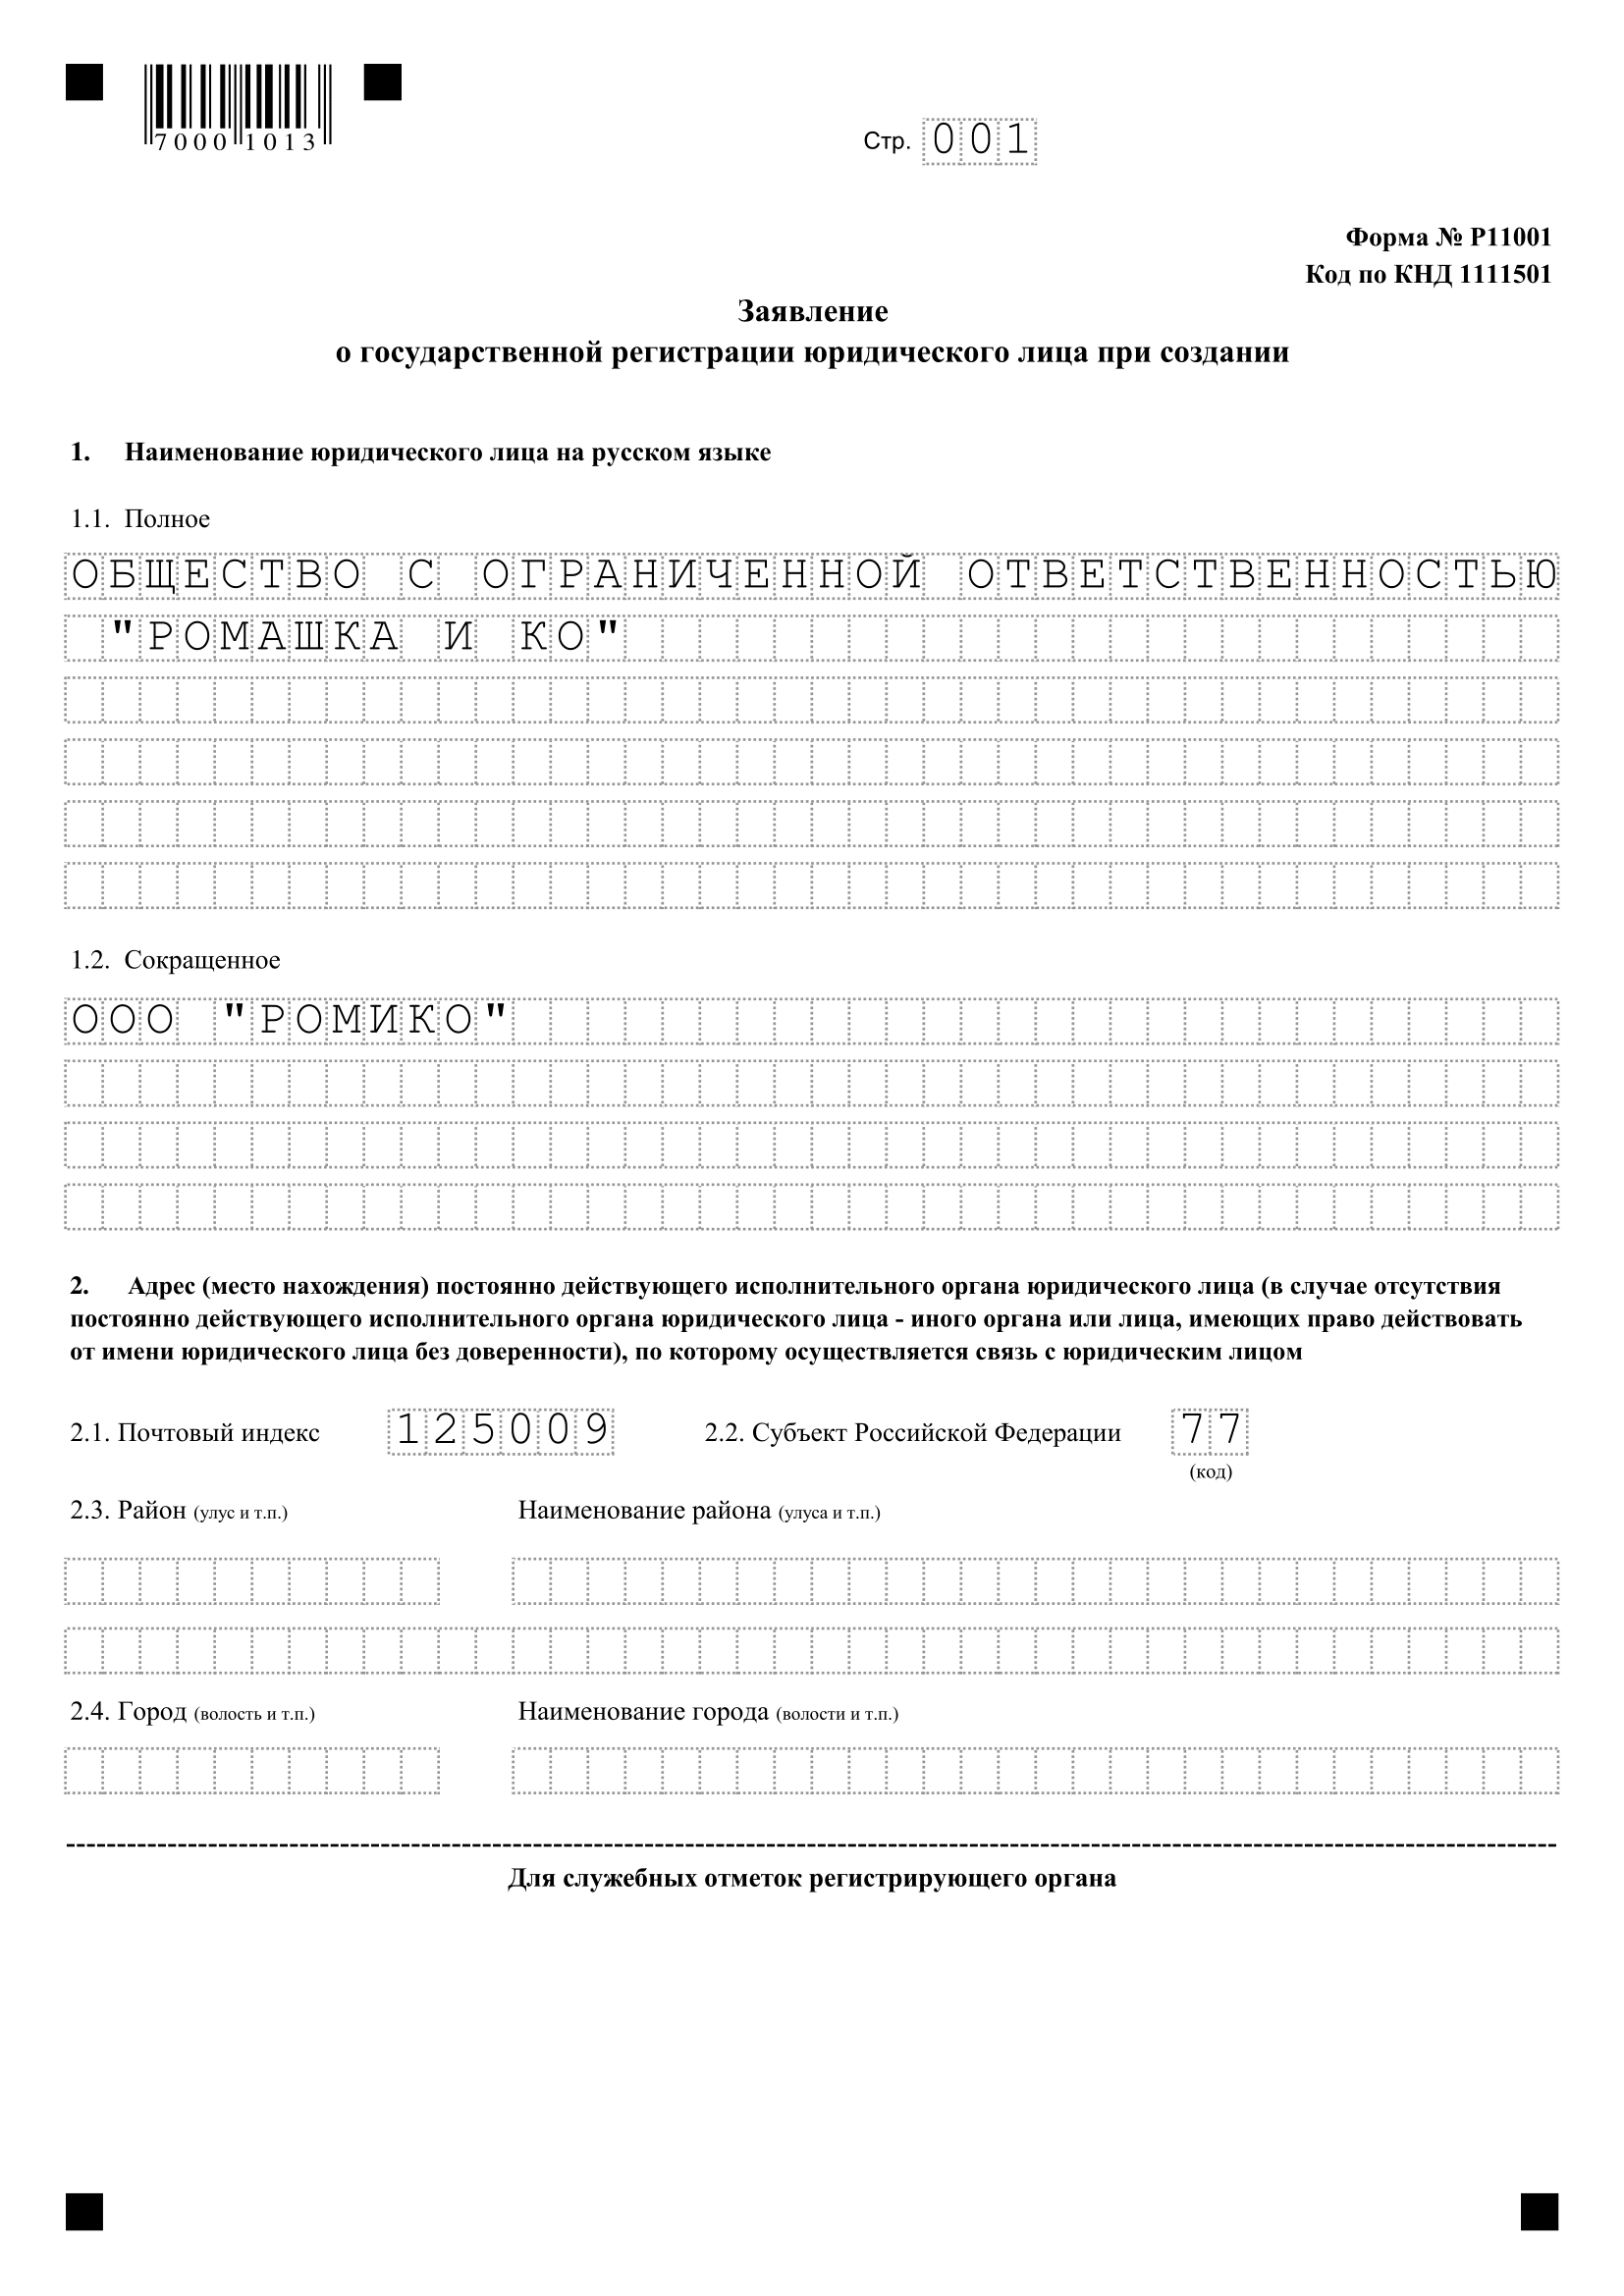 Заявление форма р11001 образец заполнения скачать